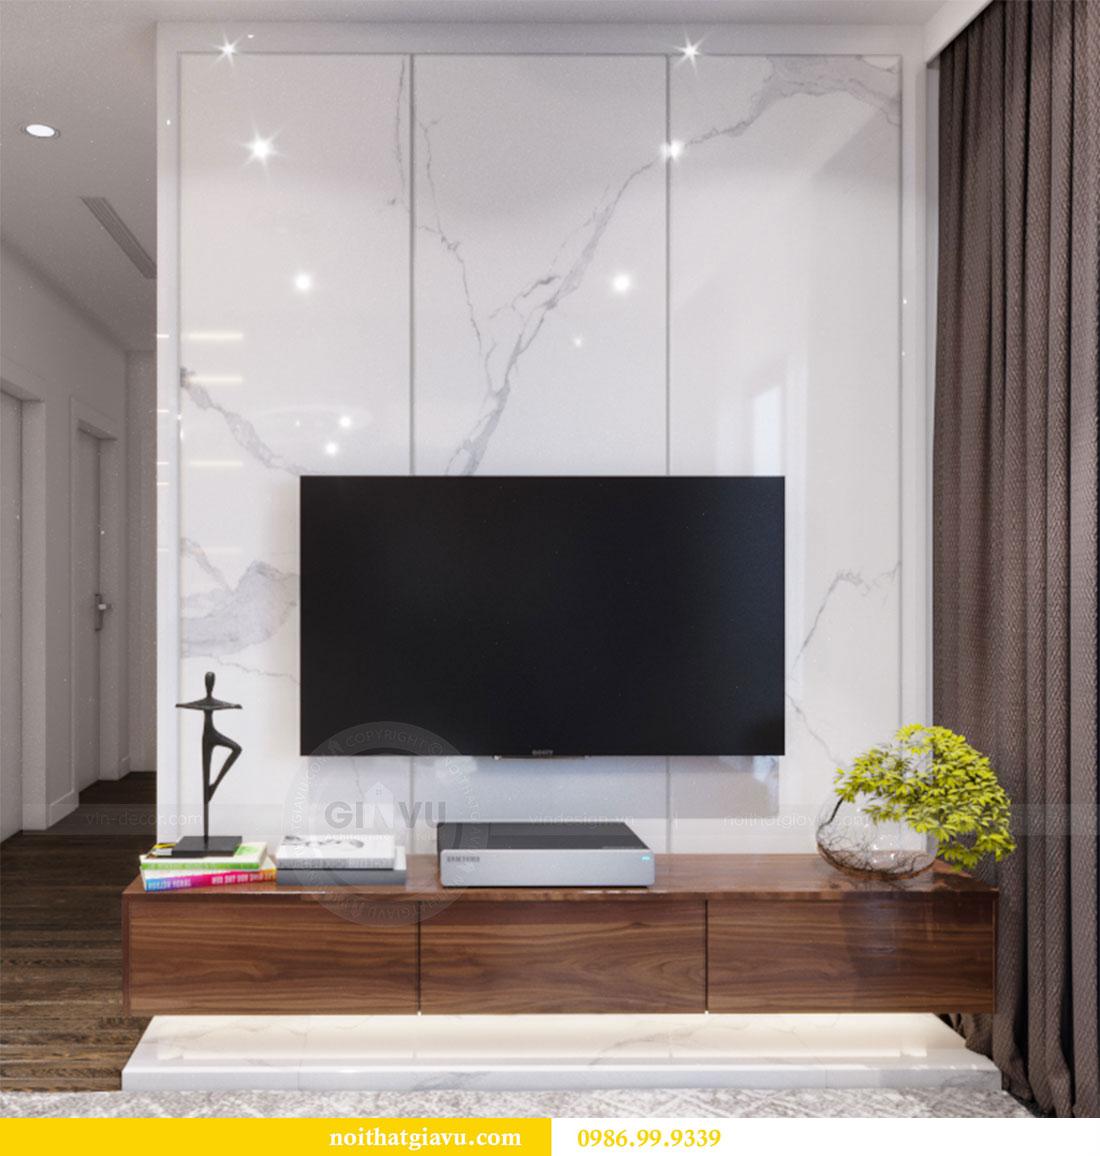 Thiết kế nội thất Vinhomes D Capitale căn 08 tòa C1 - Anh Thắng 5